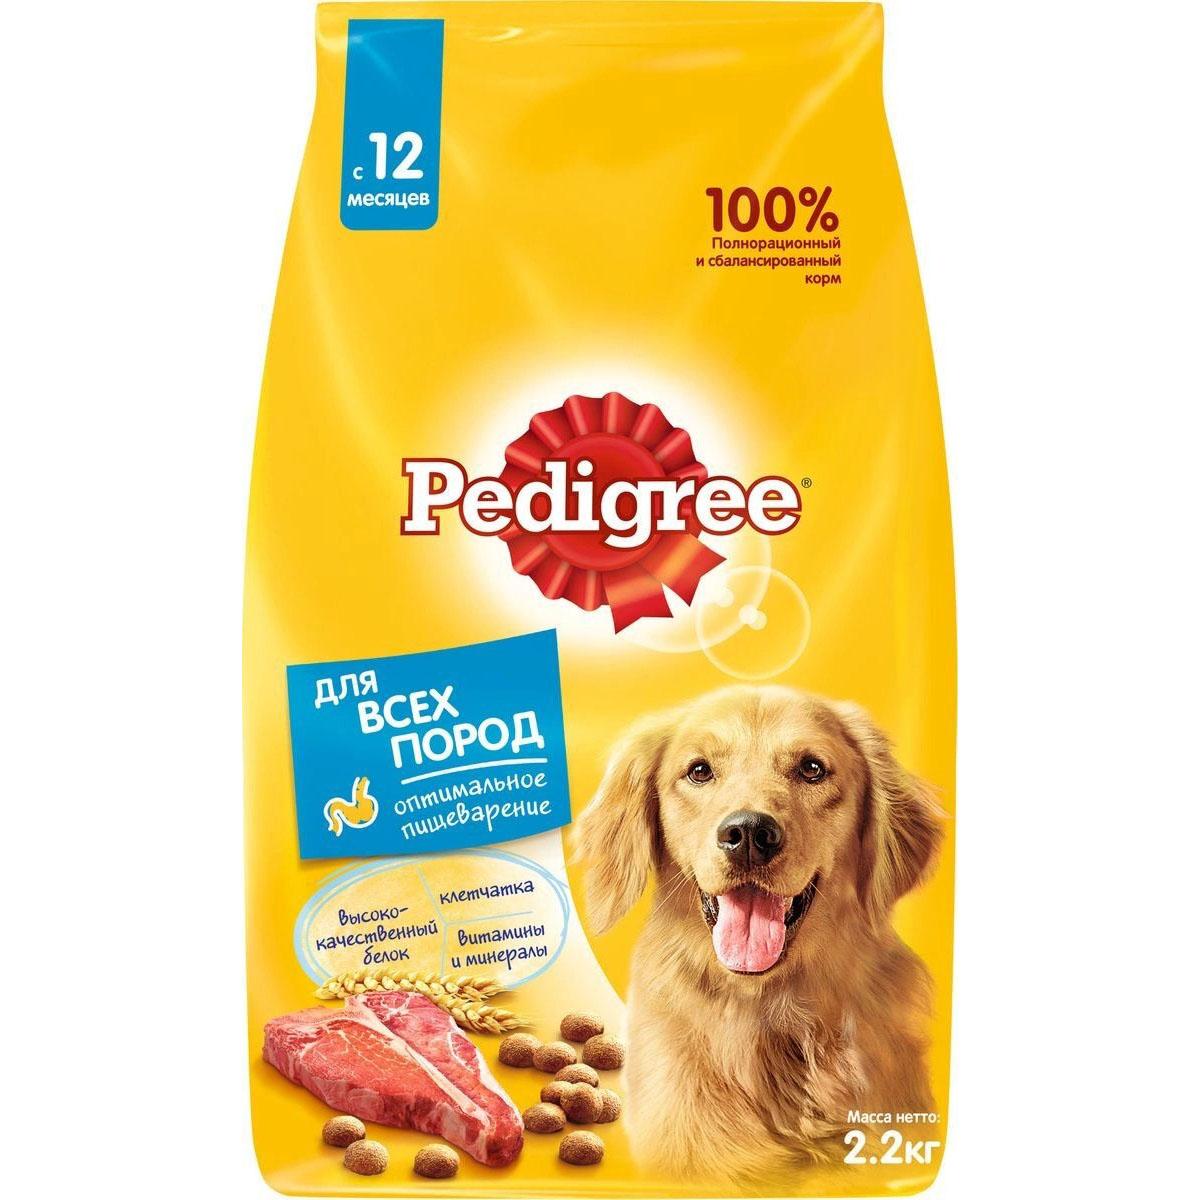 Фото - Корм для собак Pedigree Говядина, рис, овощи для всех пород 2,2 кг сухой корм для собак мелких пород pedigree говядина 2 2 кг